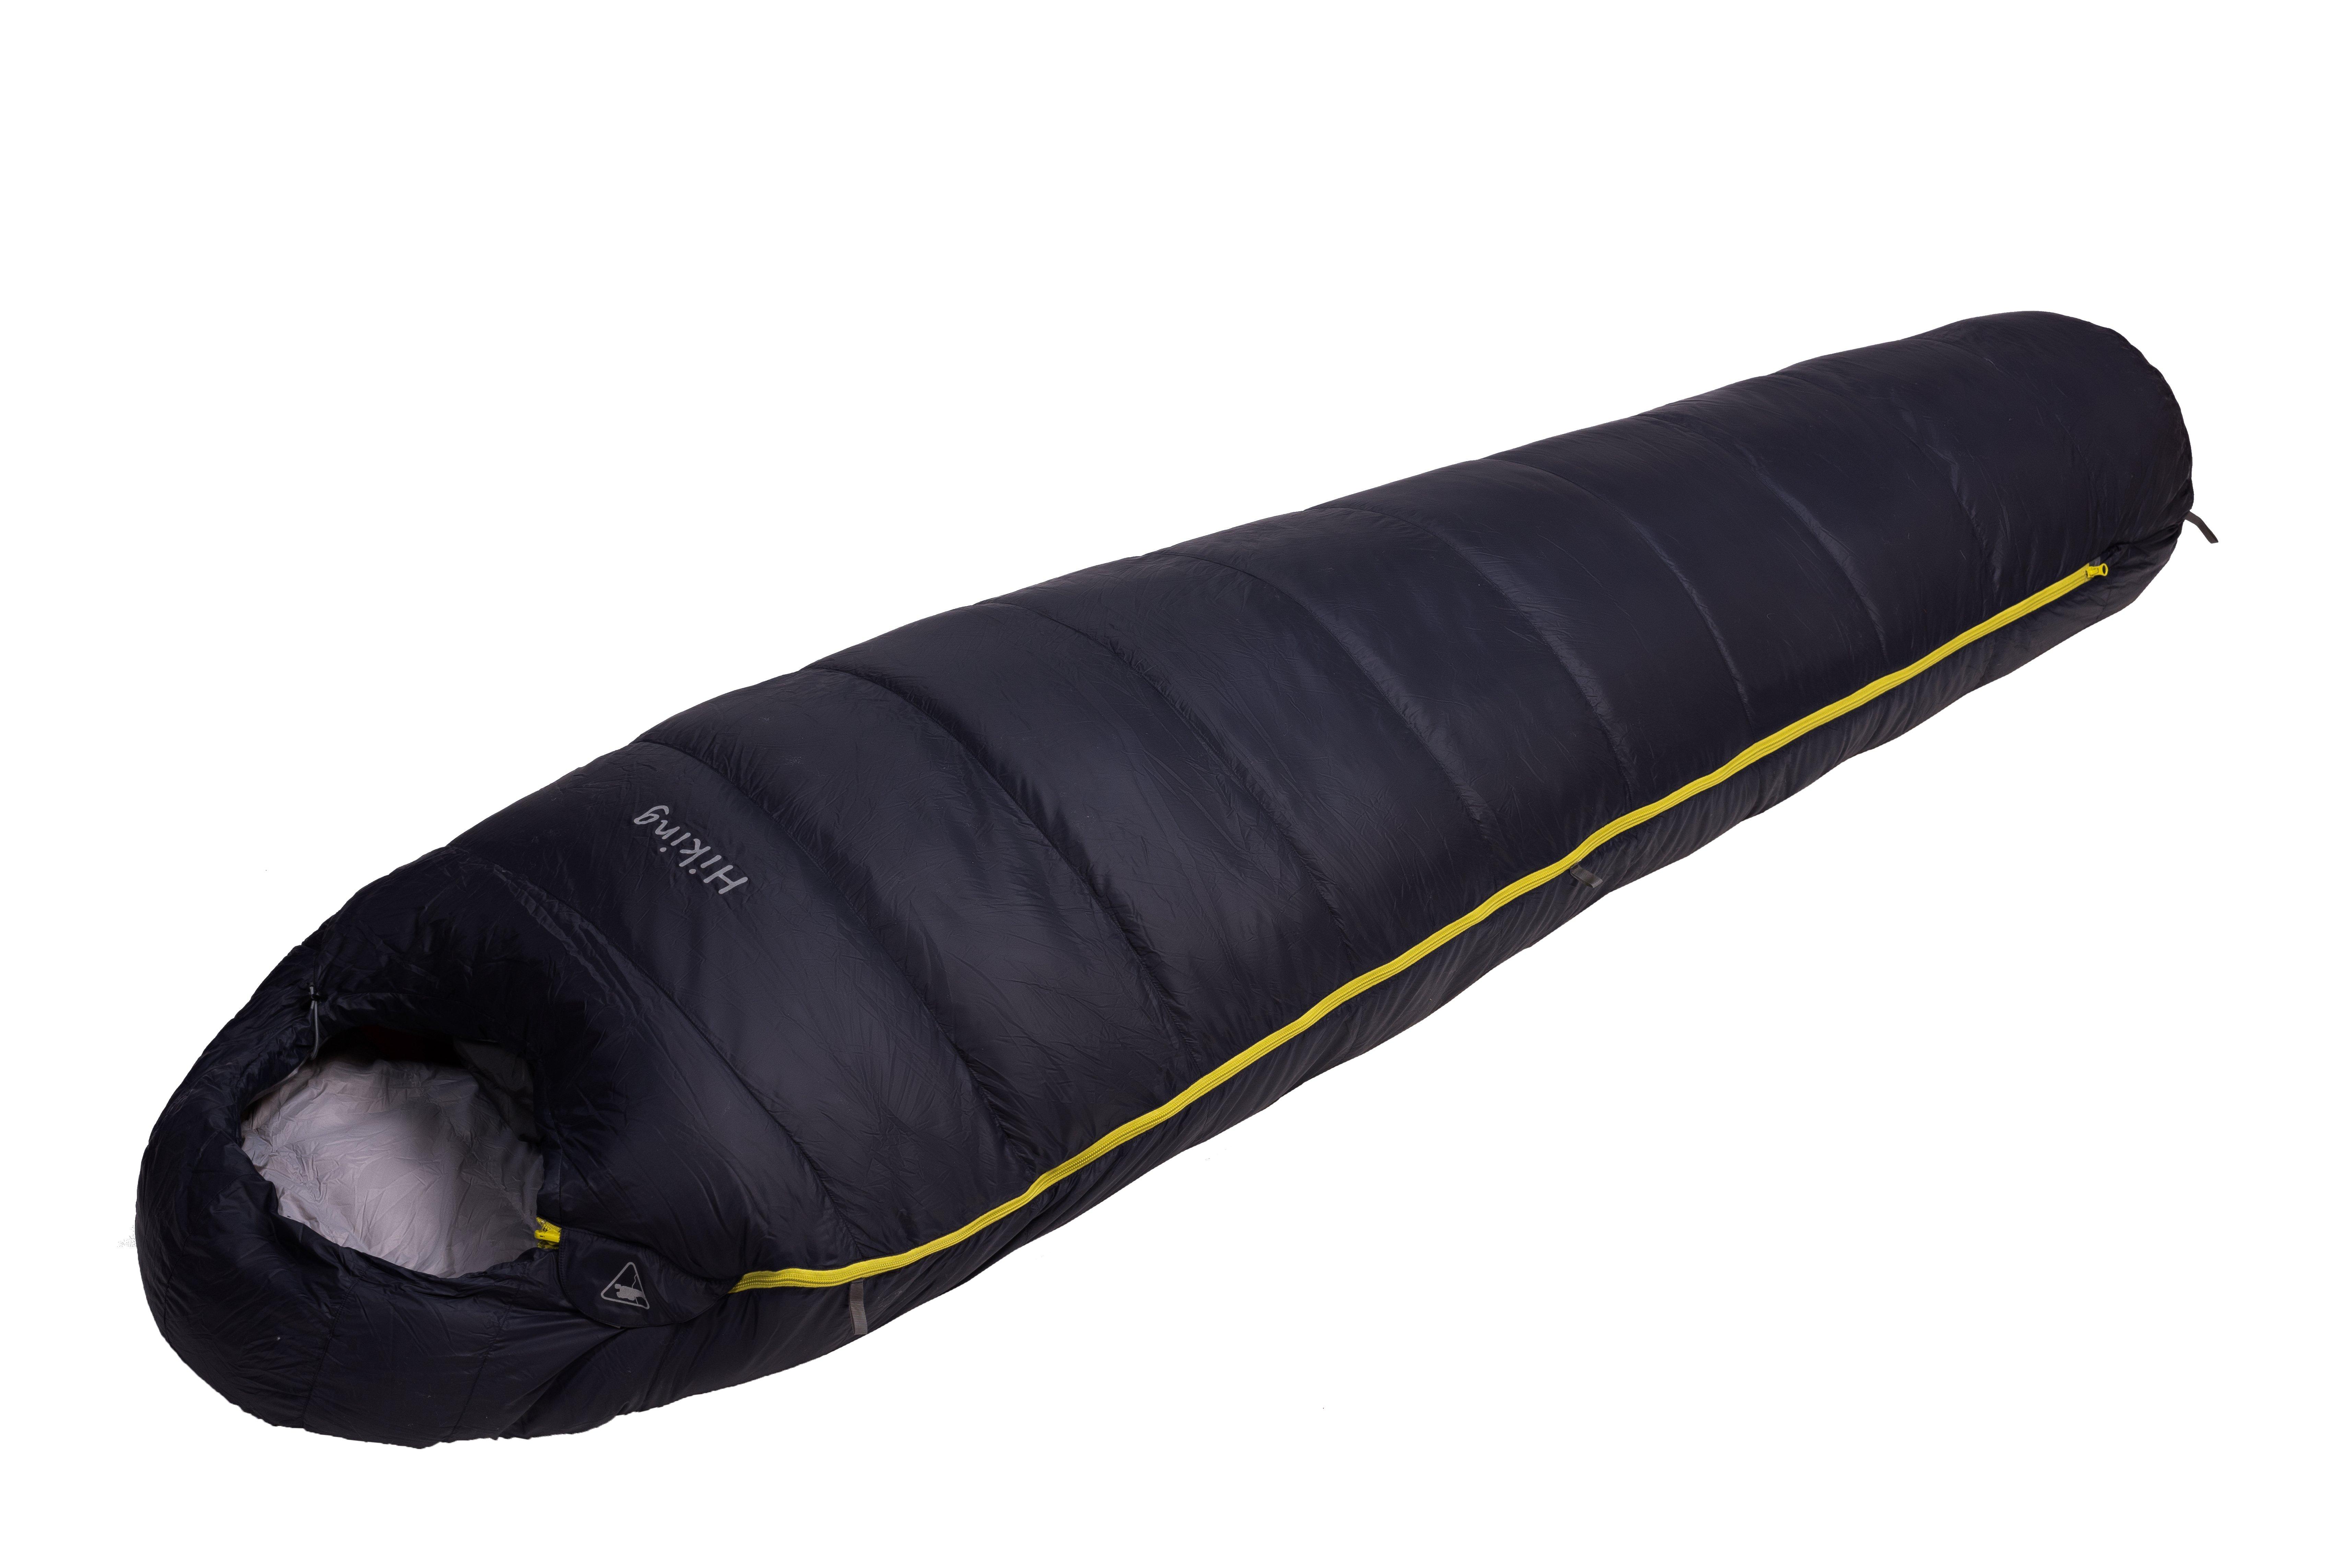 Спальный мешок BASK HIKING-M-850+ 1481Спальные мешки<br><br><br>Верхняя ткань: Advance®Superior<br>Вес без упаковки: 990<br>Вес упаковки: 90<br>Вес утеплителя: 528<br>Внутренняя ткань: Advance®Superior<br>Возможность состегивания: Да<br>Количество слоев утеплителя: 1<br>Назначение: Туристический<br>Наличие карманов: Да<br>Наполнитель: Гусиный пух<br>Нижняя температура комфорта °C: -7<br>Подголовник/Капюшон: Да<br>Показатель Fill Power (для пуховых изделий): 850<br>Пол: Унисекс<br>Размер в упакованном виде (диаметр х длина): 18х45<br>Размеры наружные (внутренние): 198x175x80x54<br>Система расположения слоев утеплителя или пуховых пакетов: Смещенные швы<br>Температура комфорта °C: -1<br>Тесьма вдоль планки: Да<br>Тип молнии: Двухзамковая-разъёмная<br>Тип утеплителя: Натуральный<br>Утеплитель: Гусиный пух<br>Утепляющая планка: Да<br>Форма: Кокон<br>Шейный пакет: Да<br>Экстремальная температура °C: -25